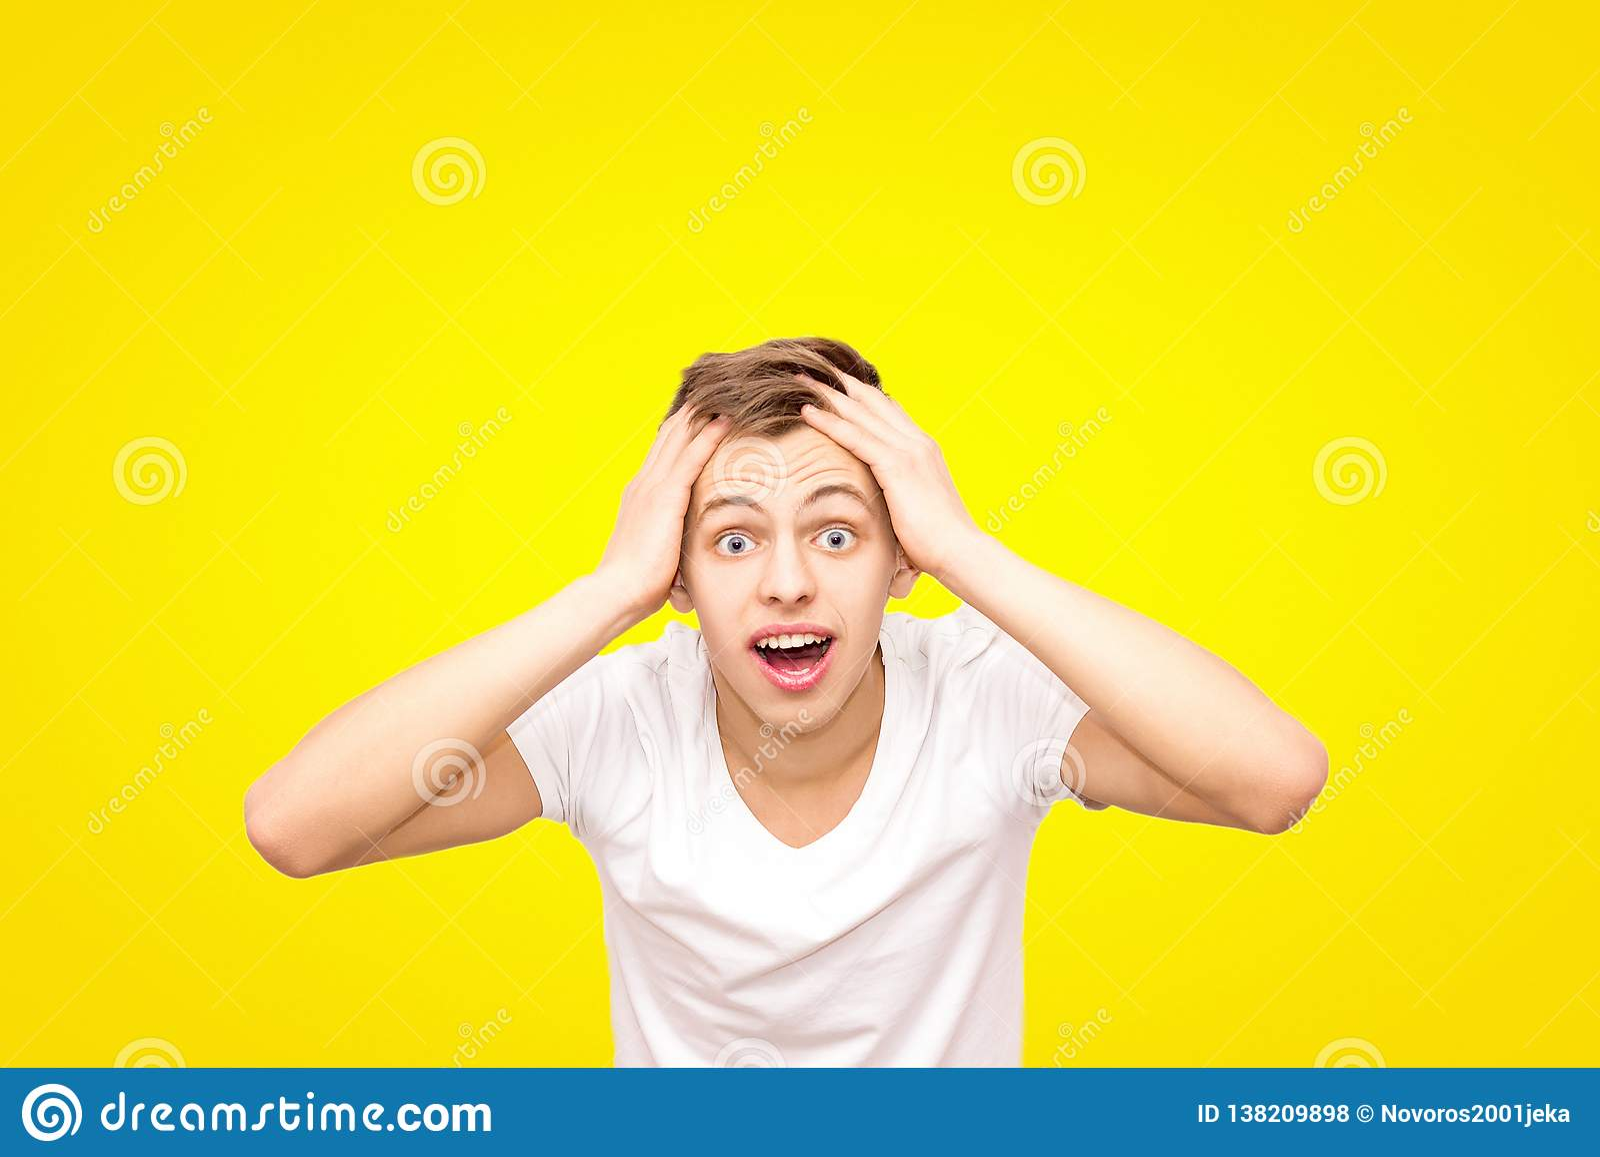 Τύπος στο λευκό σε μια άσπρη μπλούζα που κρατά το κεφάλι του, που απομονώνεται σε ένα κίτρινο υπόβαθρο